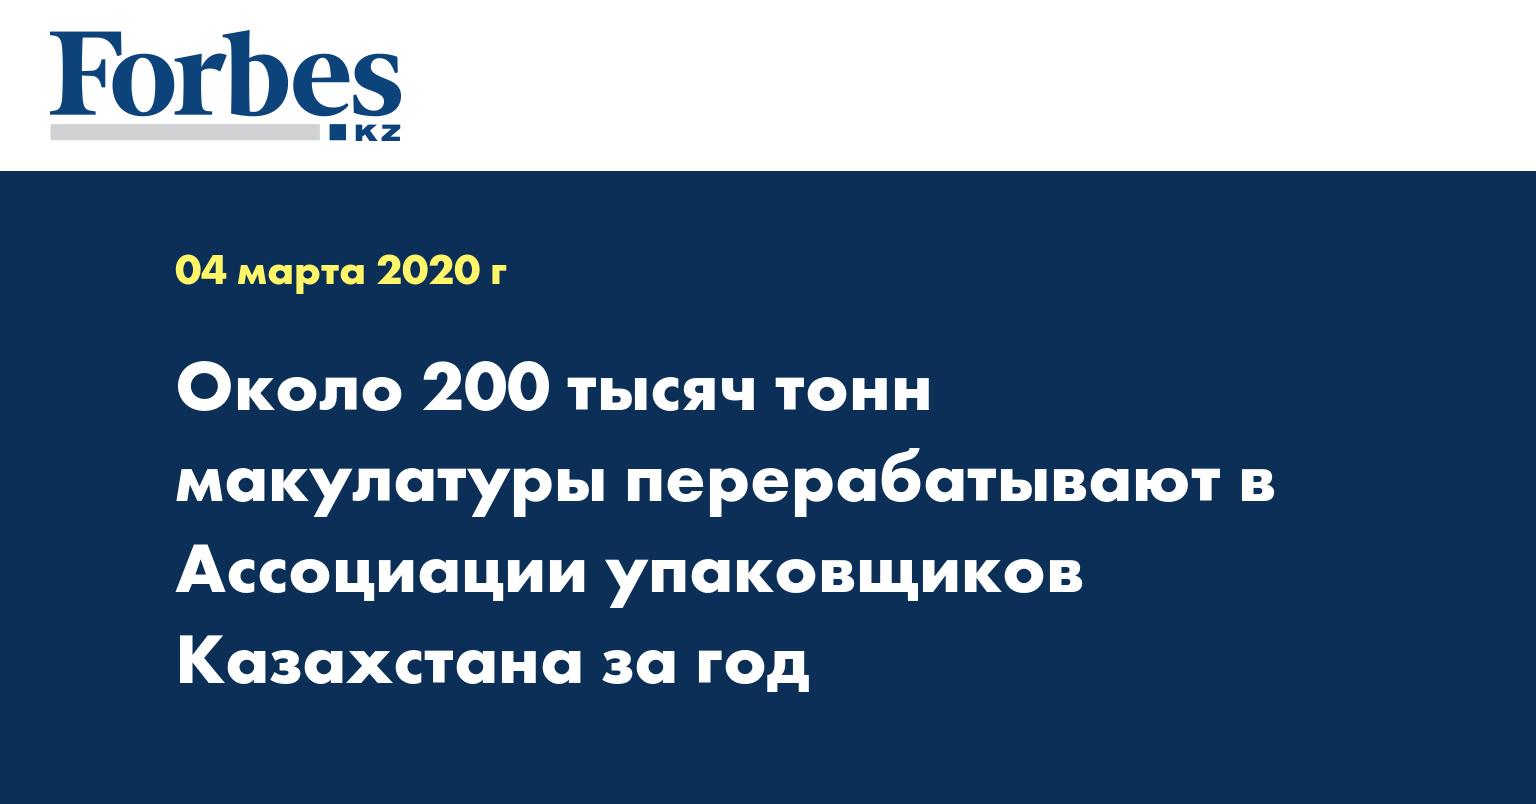 Около 200 тысяч тонн макулатуры перерабатывают в  Ассоциации упаковщиков Казахстана  за год